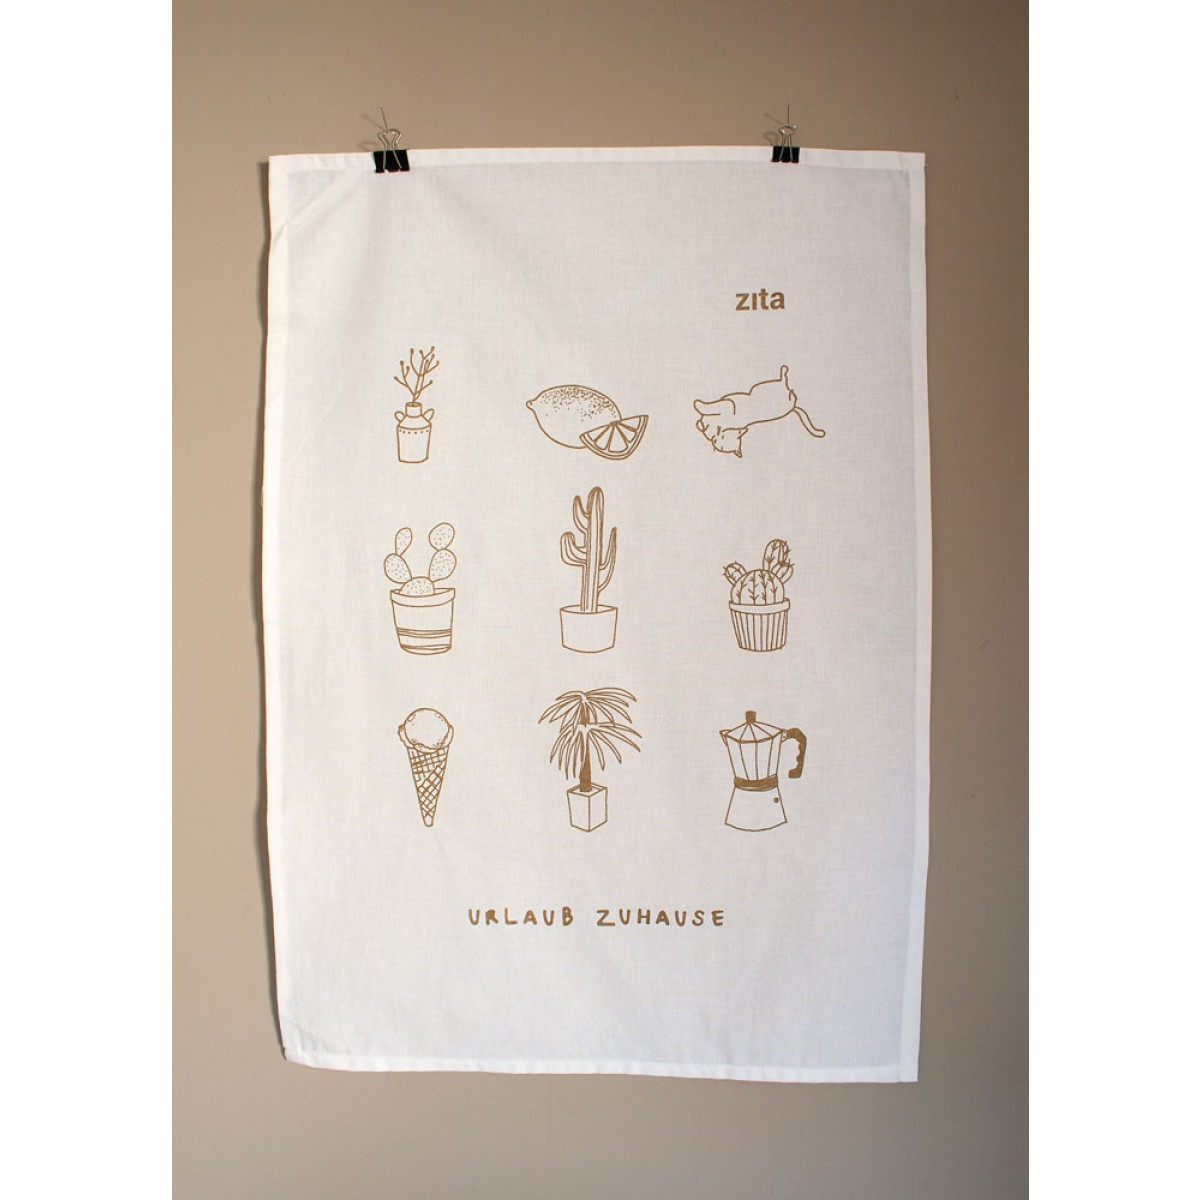 zita products - ULLA Geschirrtuch gold